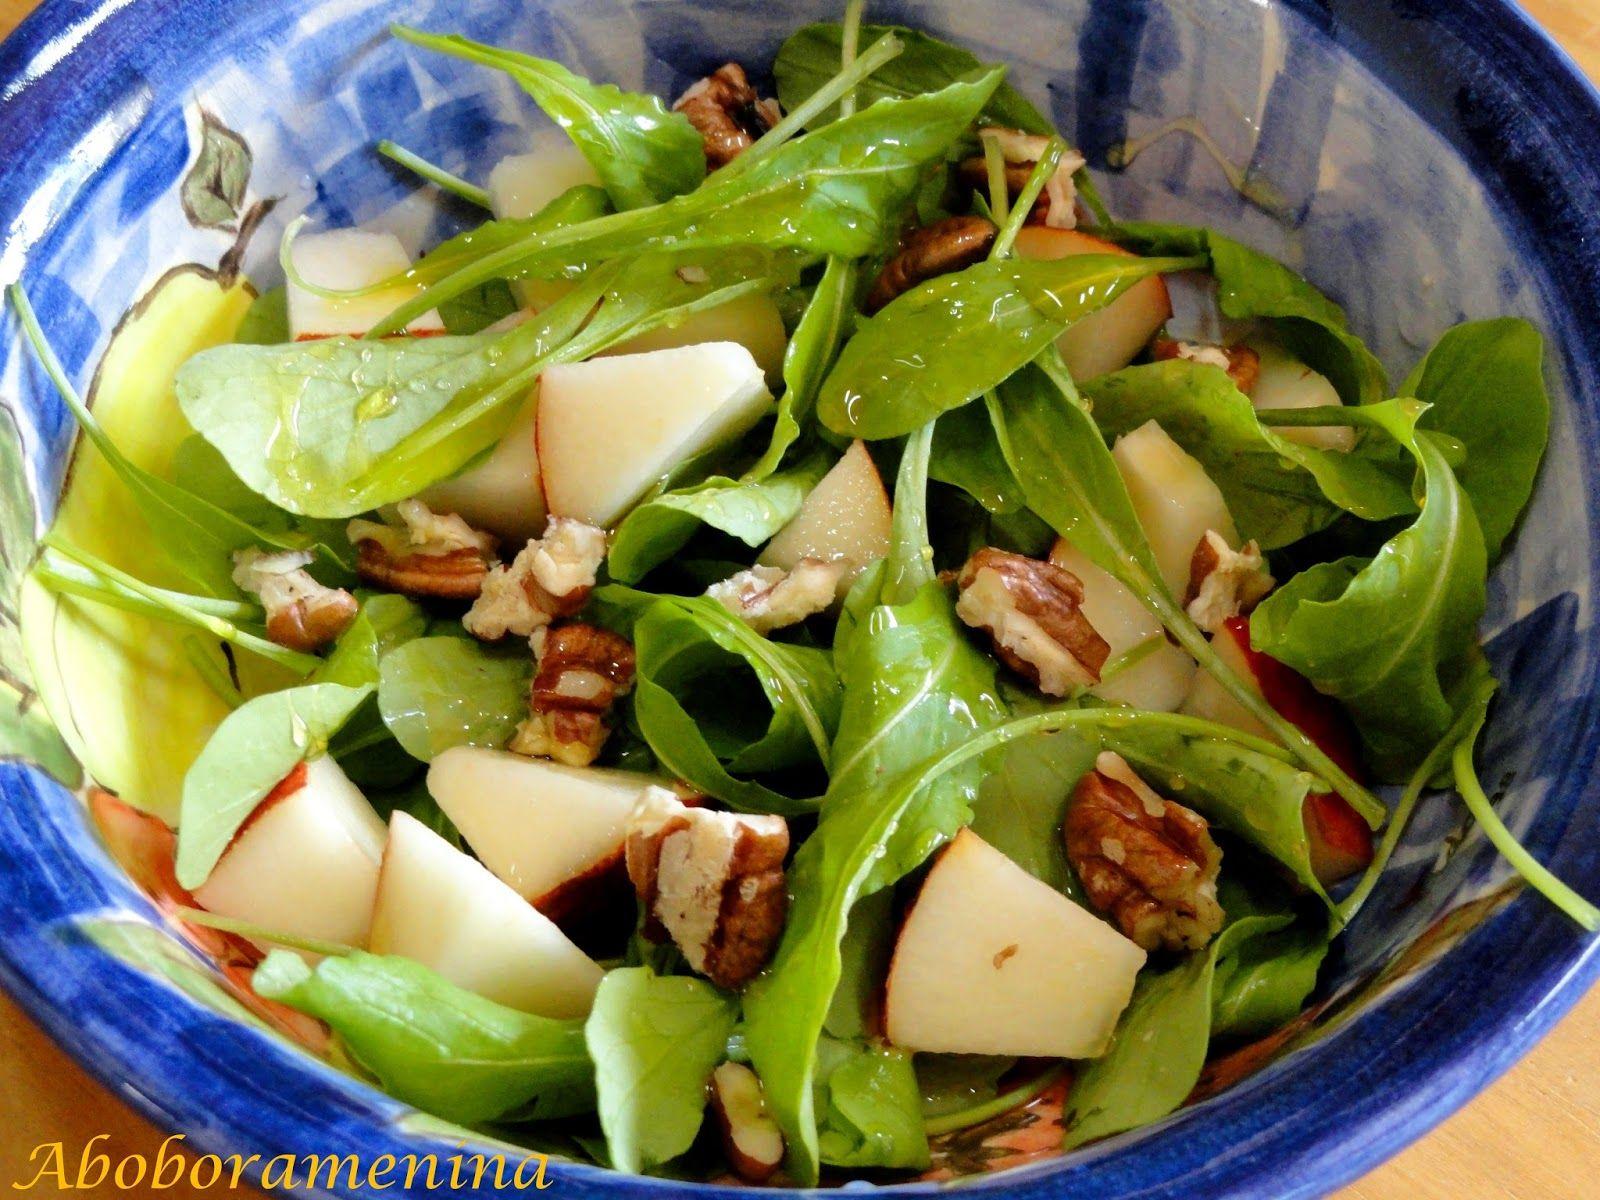 Salada de Mini Rúcula, Pera e Nozes   #salada                                                                                                                                                                                 Mais